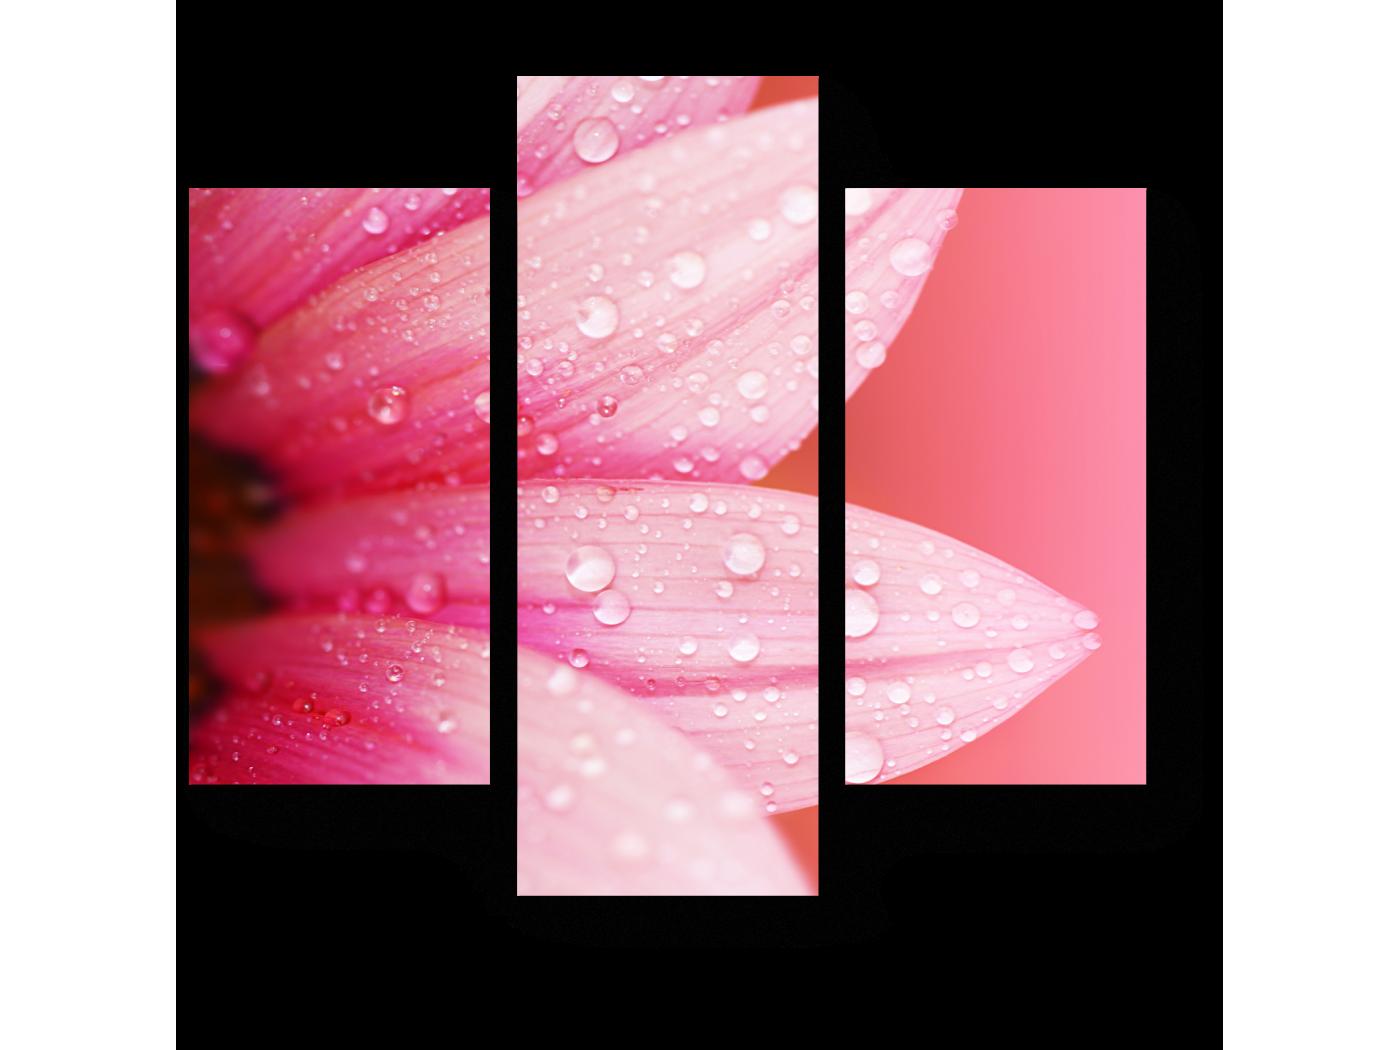 Модульная картина Весенняя красота (60x54) фото